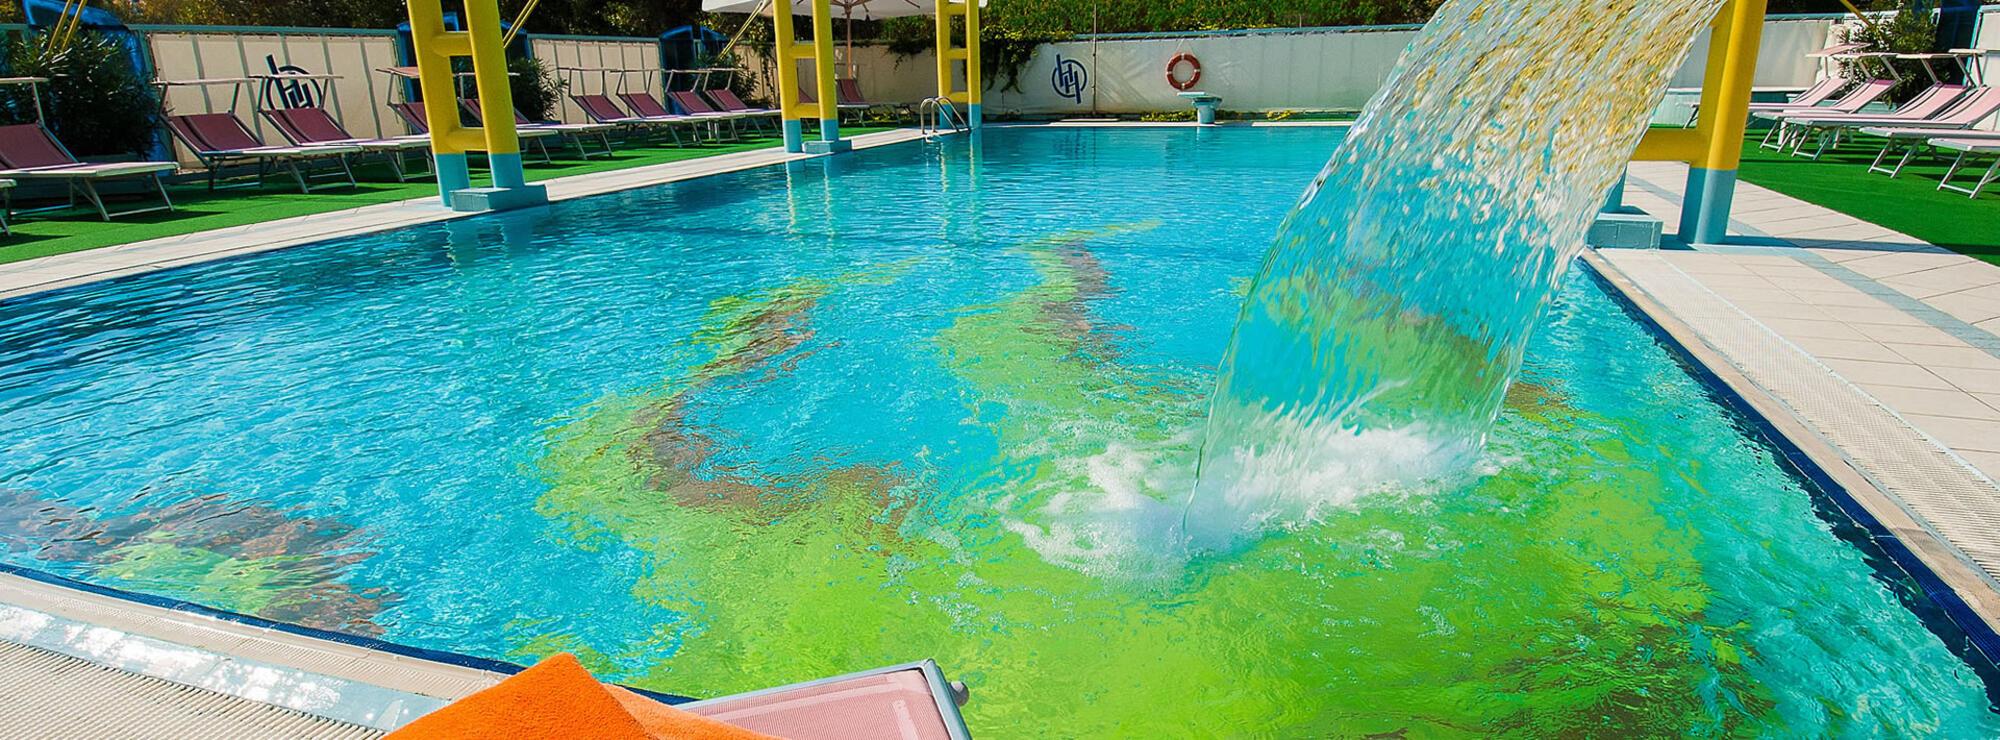 Hotel 4 stelle rimini con piscina riscaldata albergo con - Hotel merano 4 stelle con piscina ...